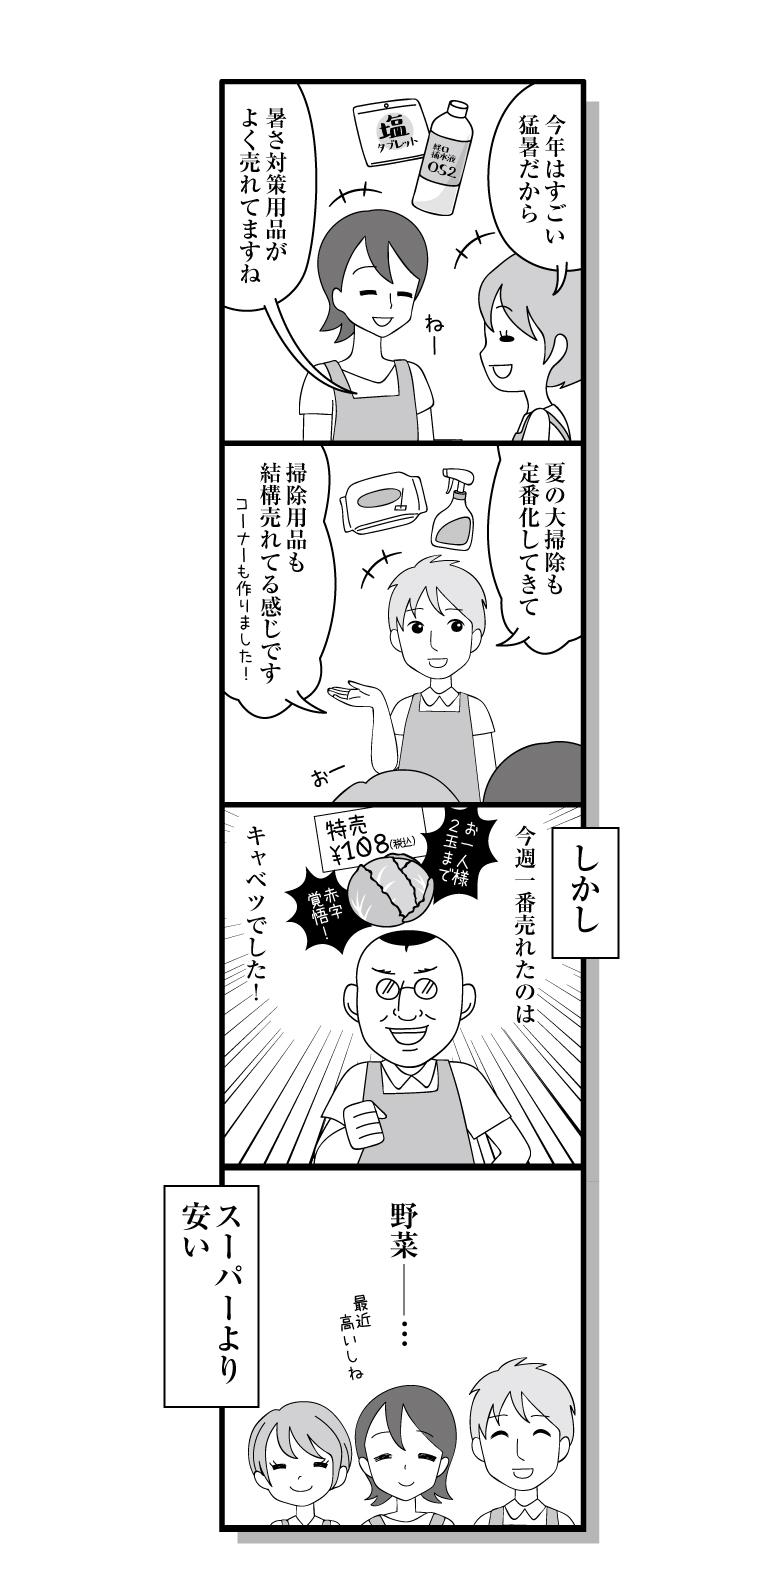 180818_manga